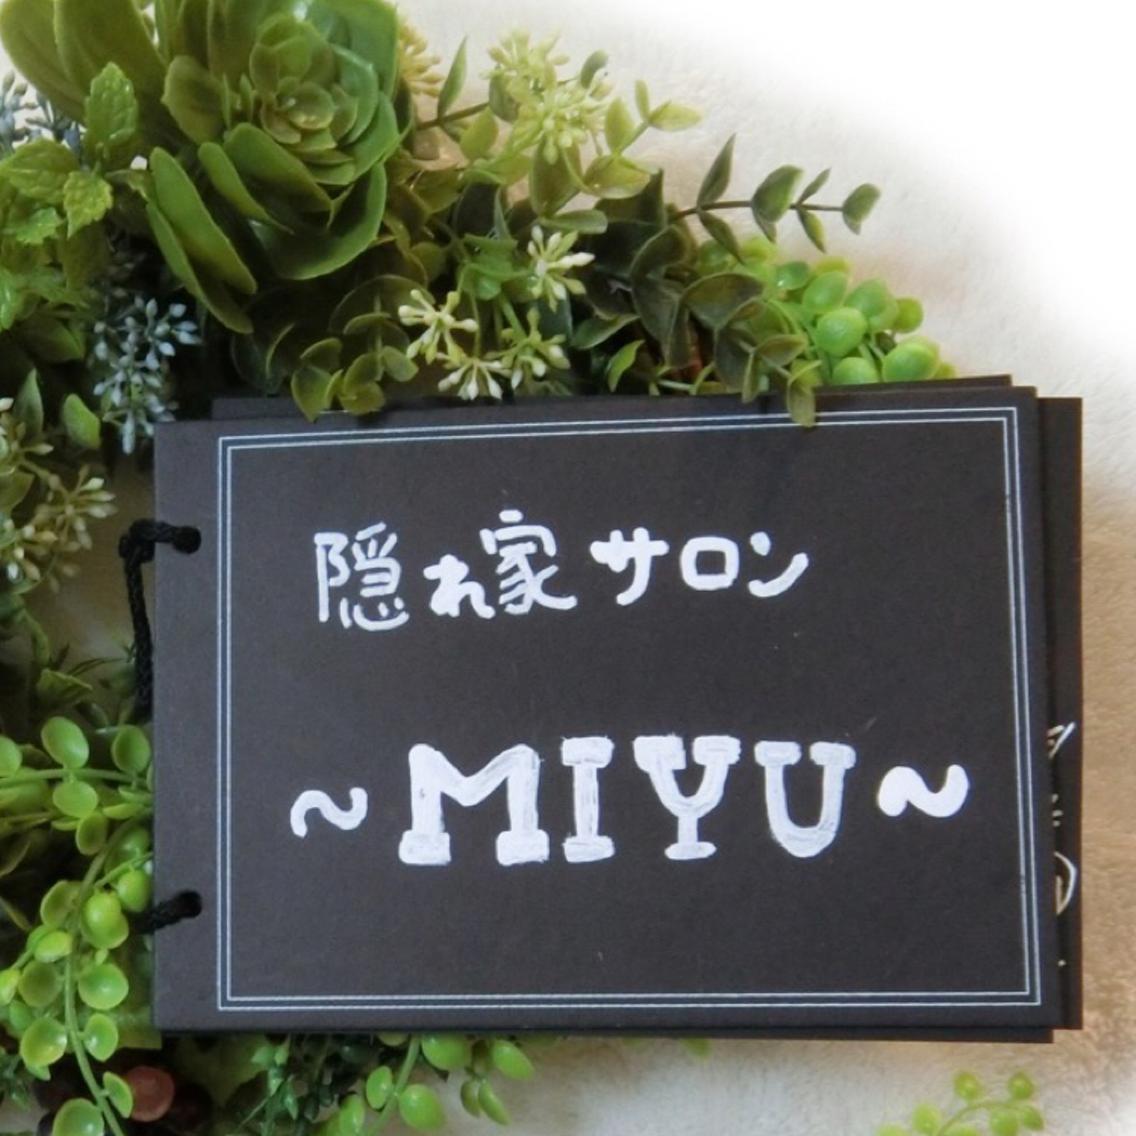 隠れ家サロン〜MIYU〜所属・うすき隠れ家サロンMIYUの掲載